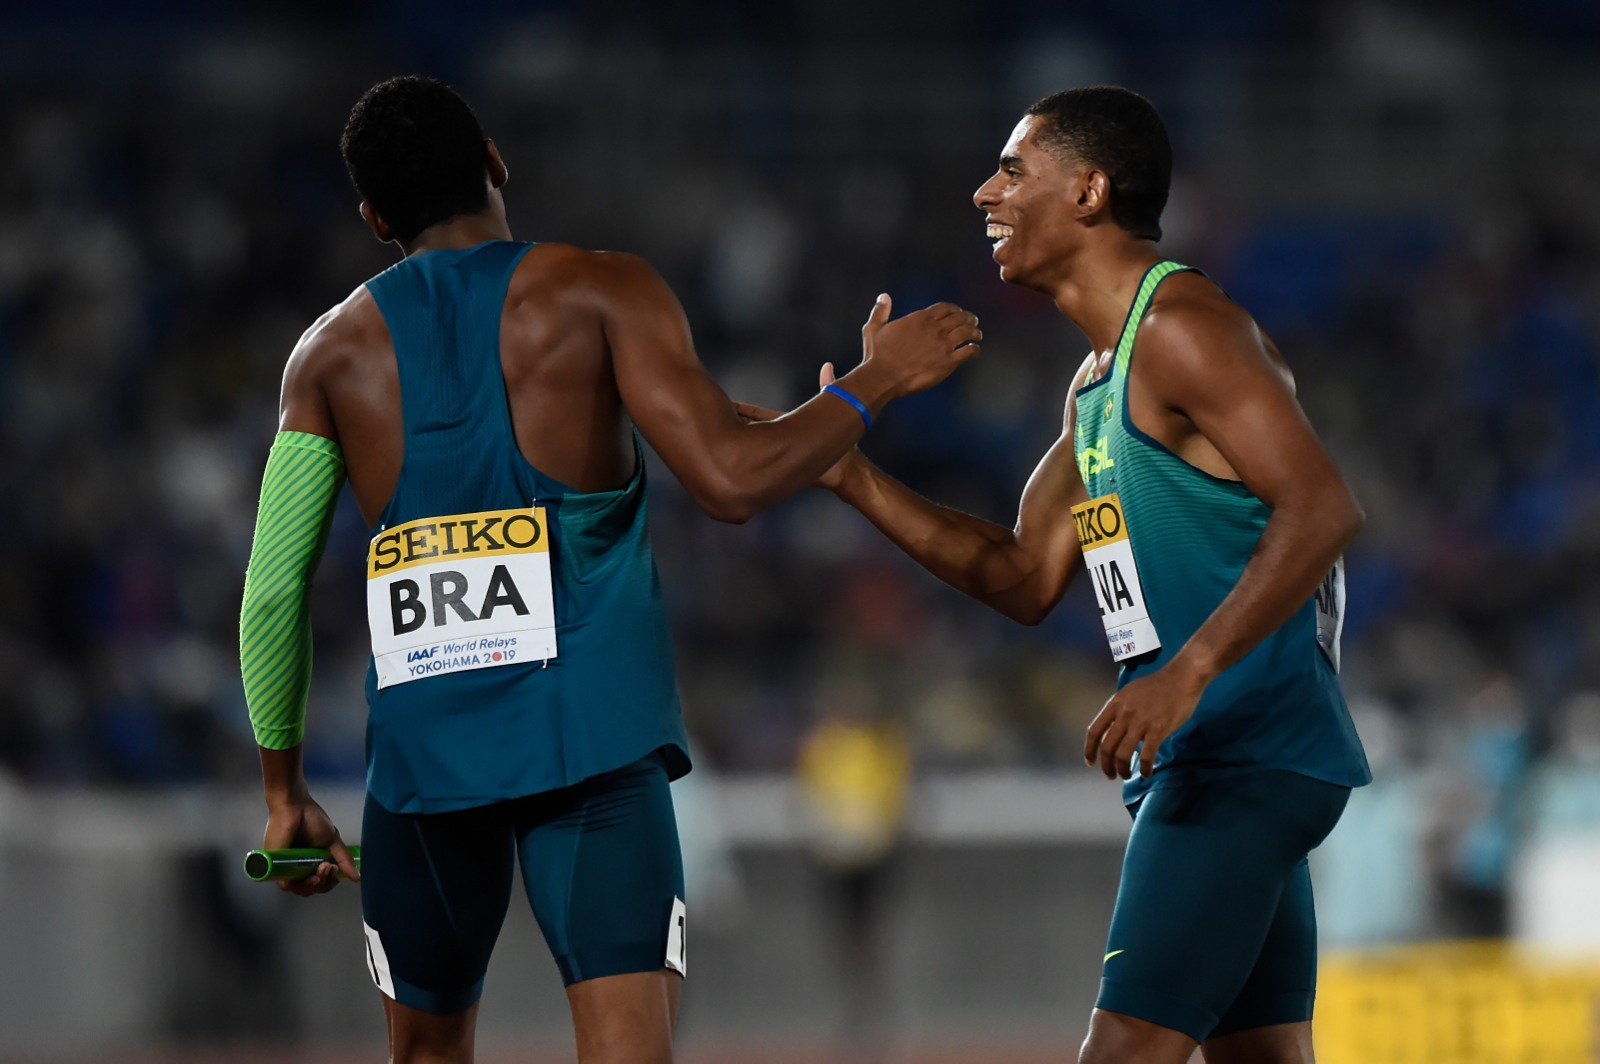 Brasil é campeão mundial do revezamento masculino 4x100m